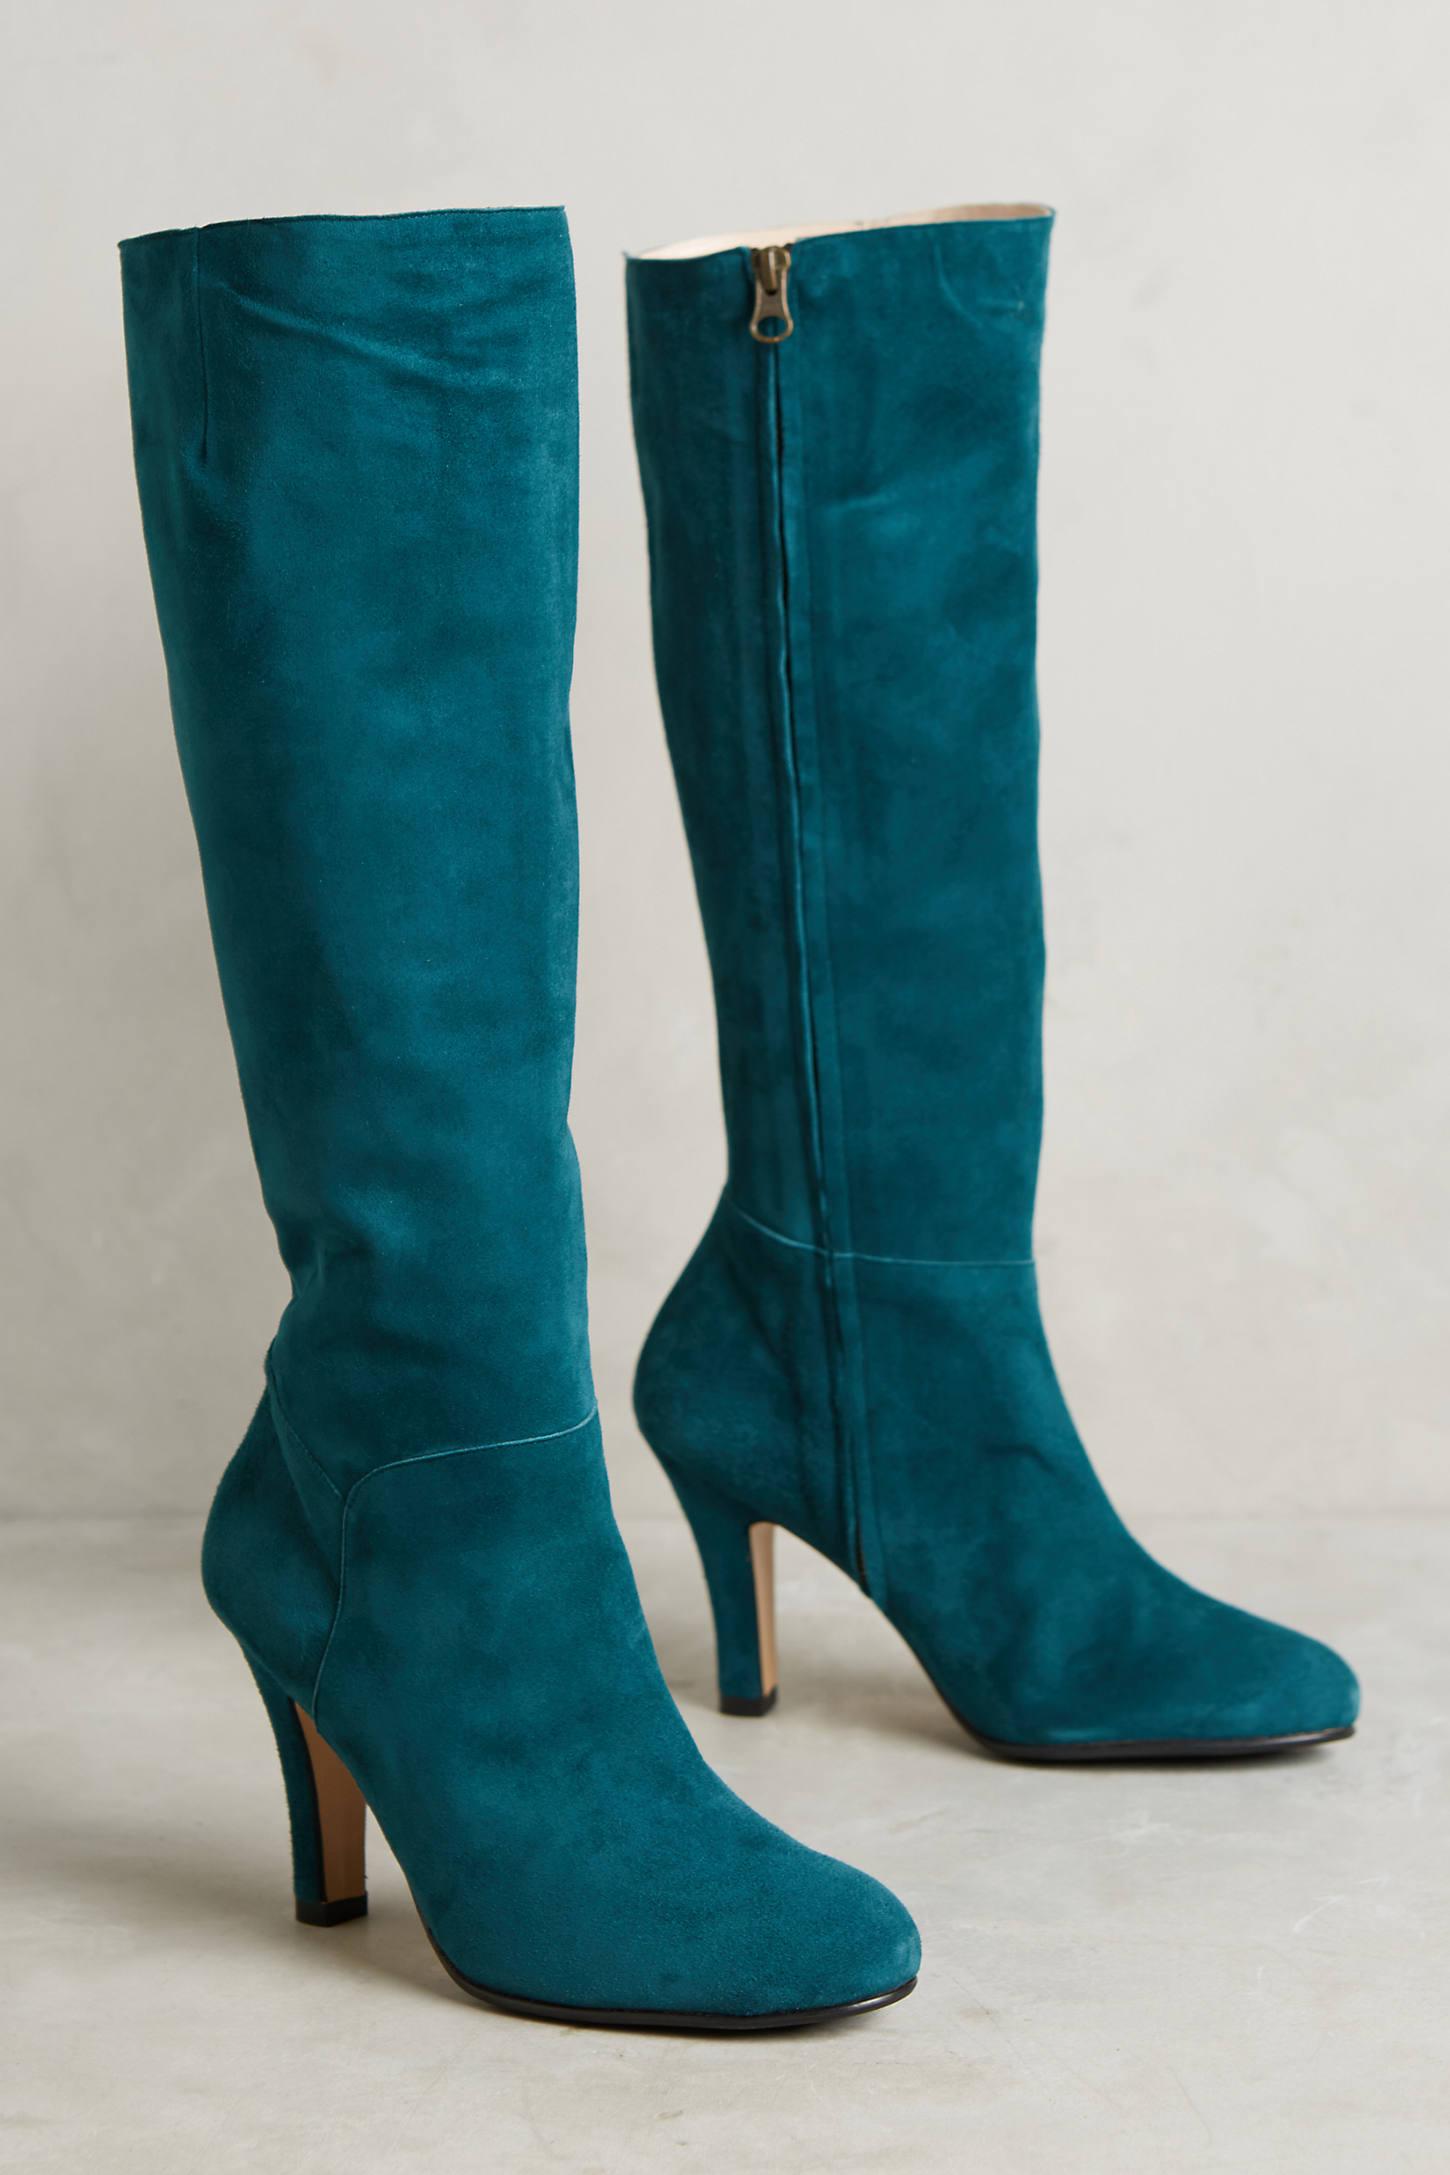 Lenora Delia Boots